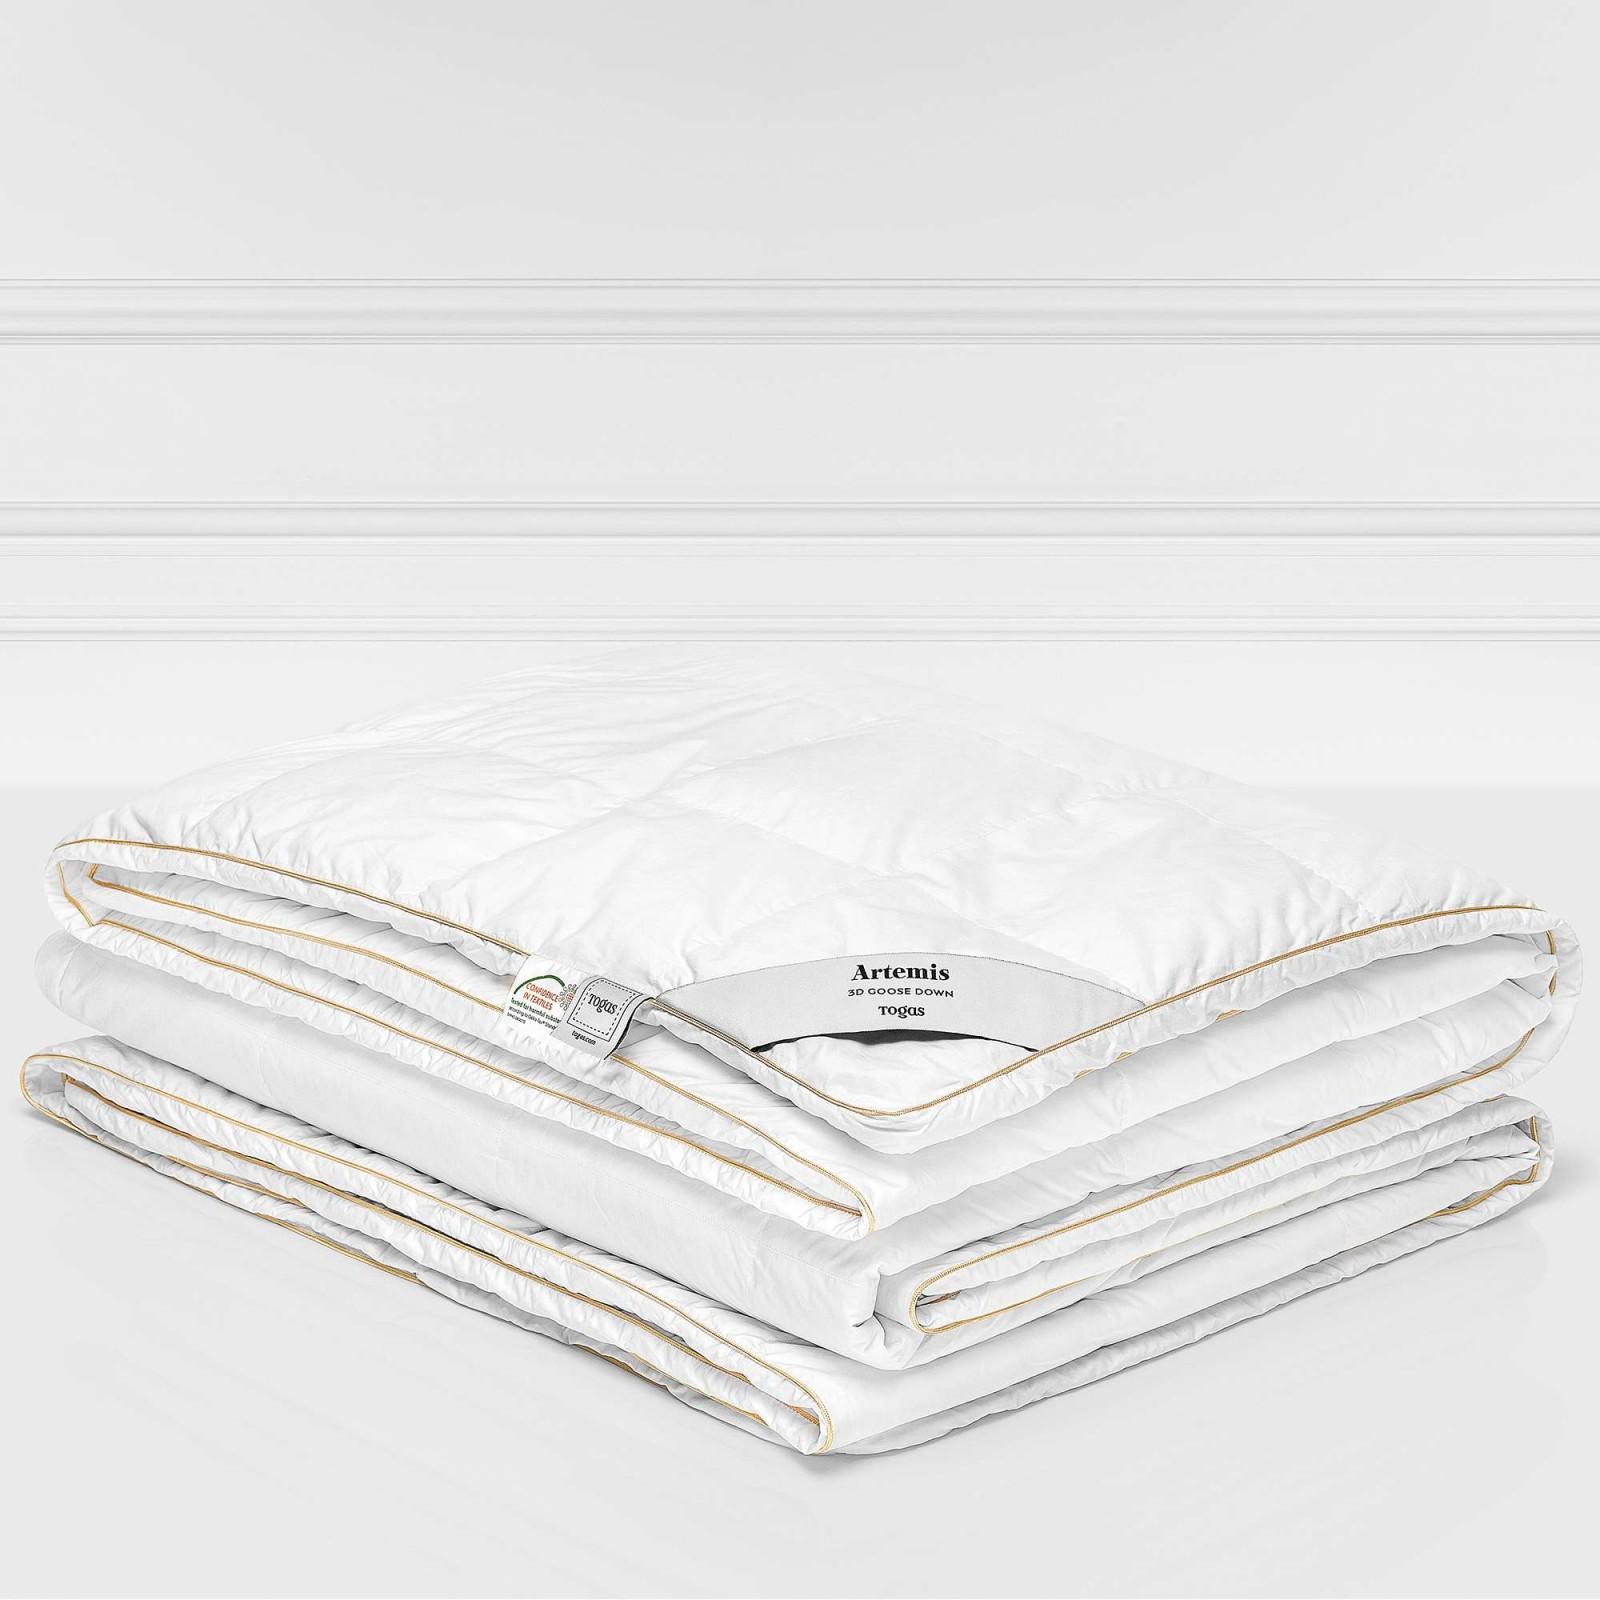 Одеяла Togas Одеяло Артемис Легкое (220х240 см) одеяла togas одеяло гелиос 220х240 см